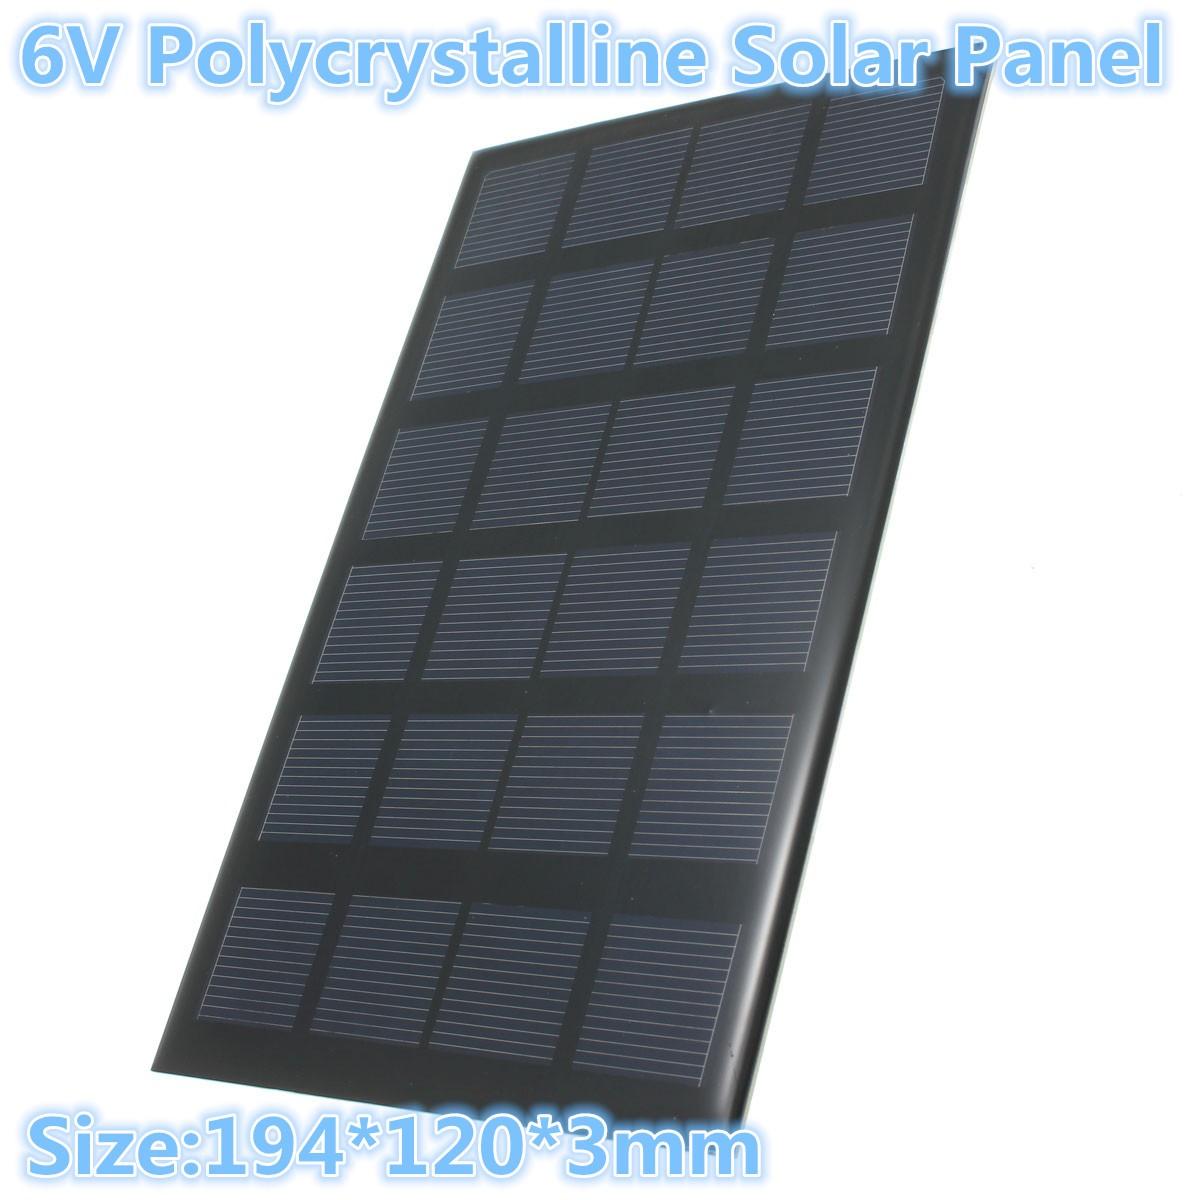 Pannello Solare Wish : Molti tipi solare pannello solar panel fotovoltaico